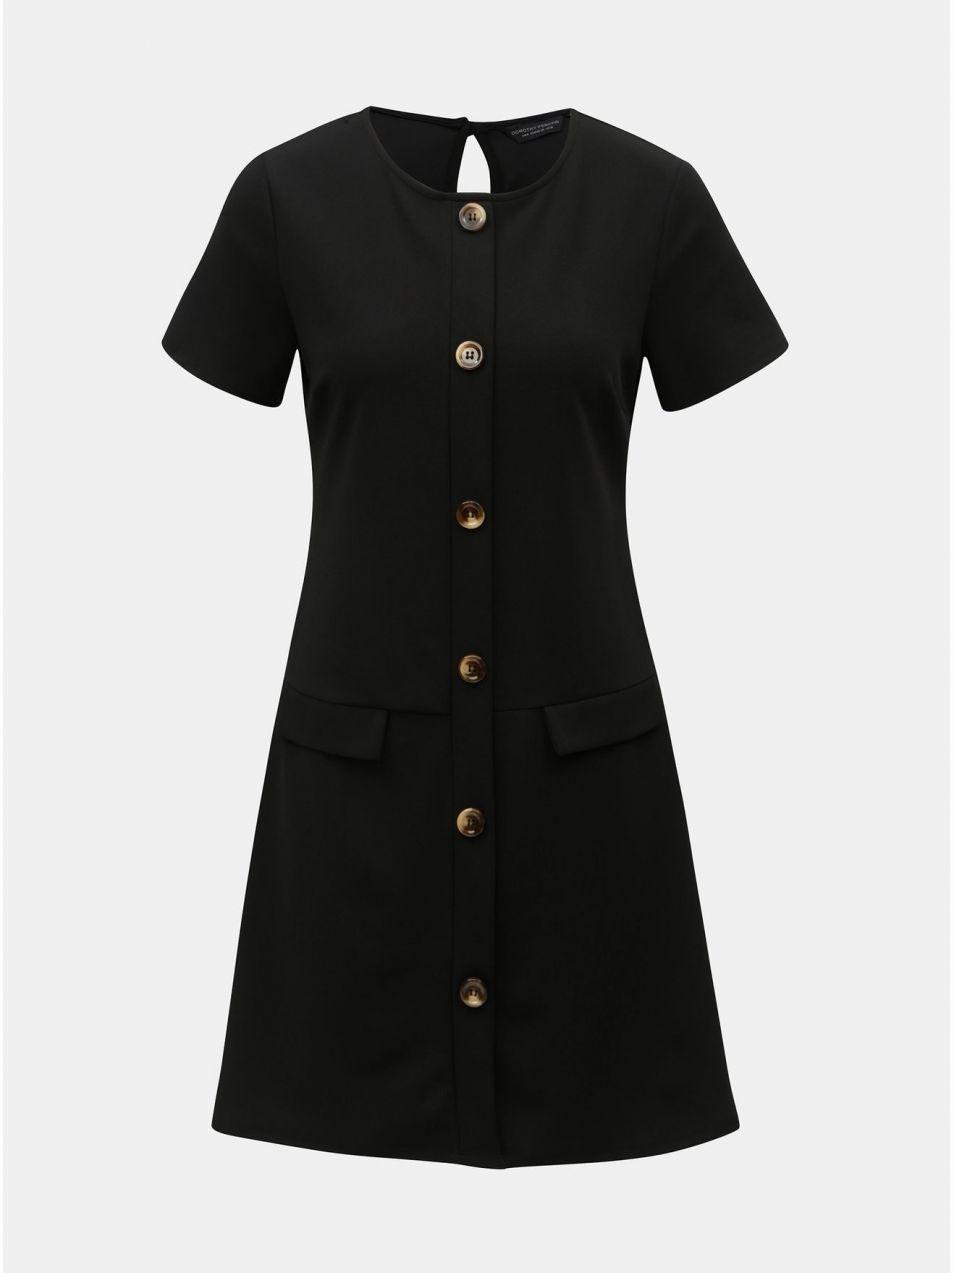 e94fde2f85 Čierne šaty s ozdobnými gombíkmi Dorothy Perkins značky Dorothy ...